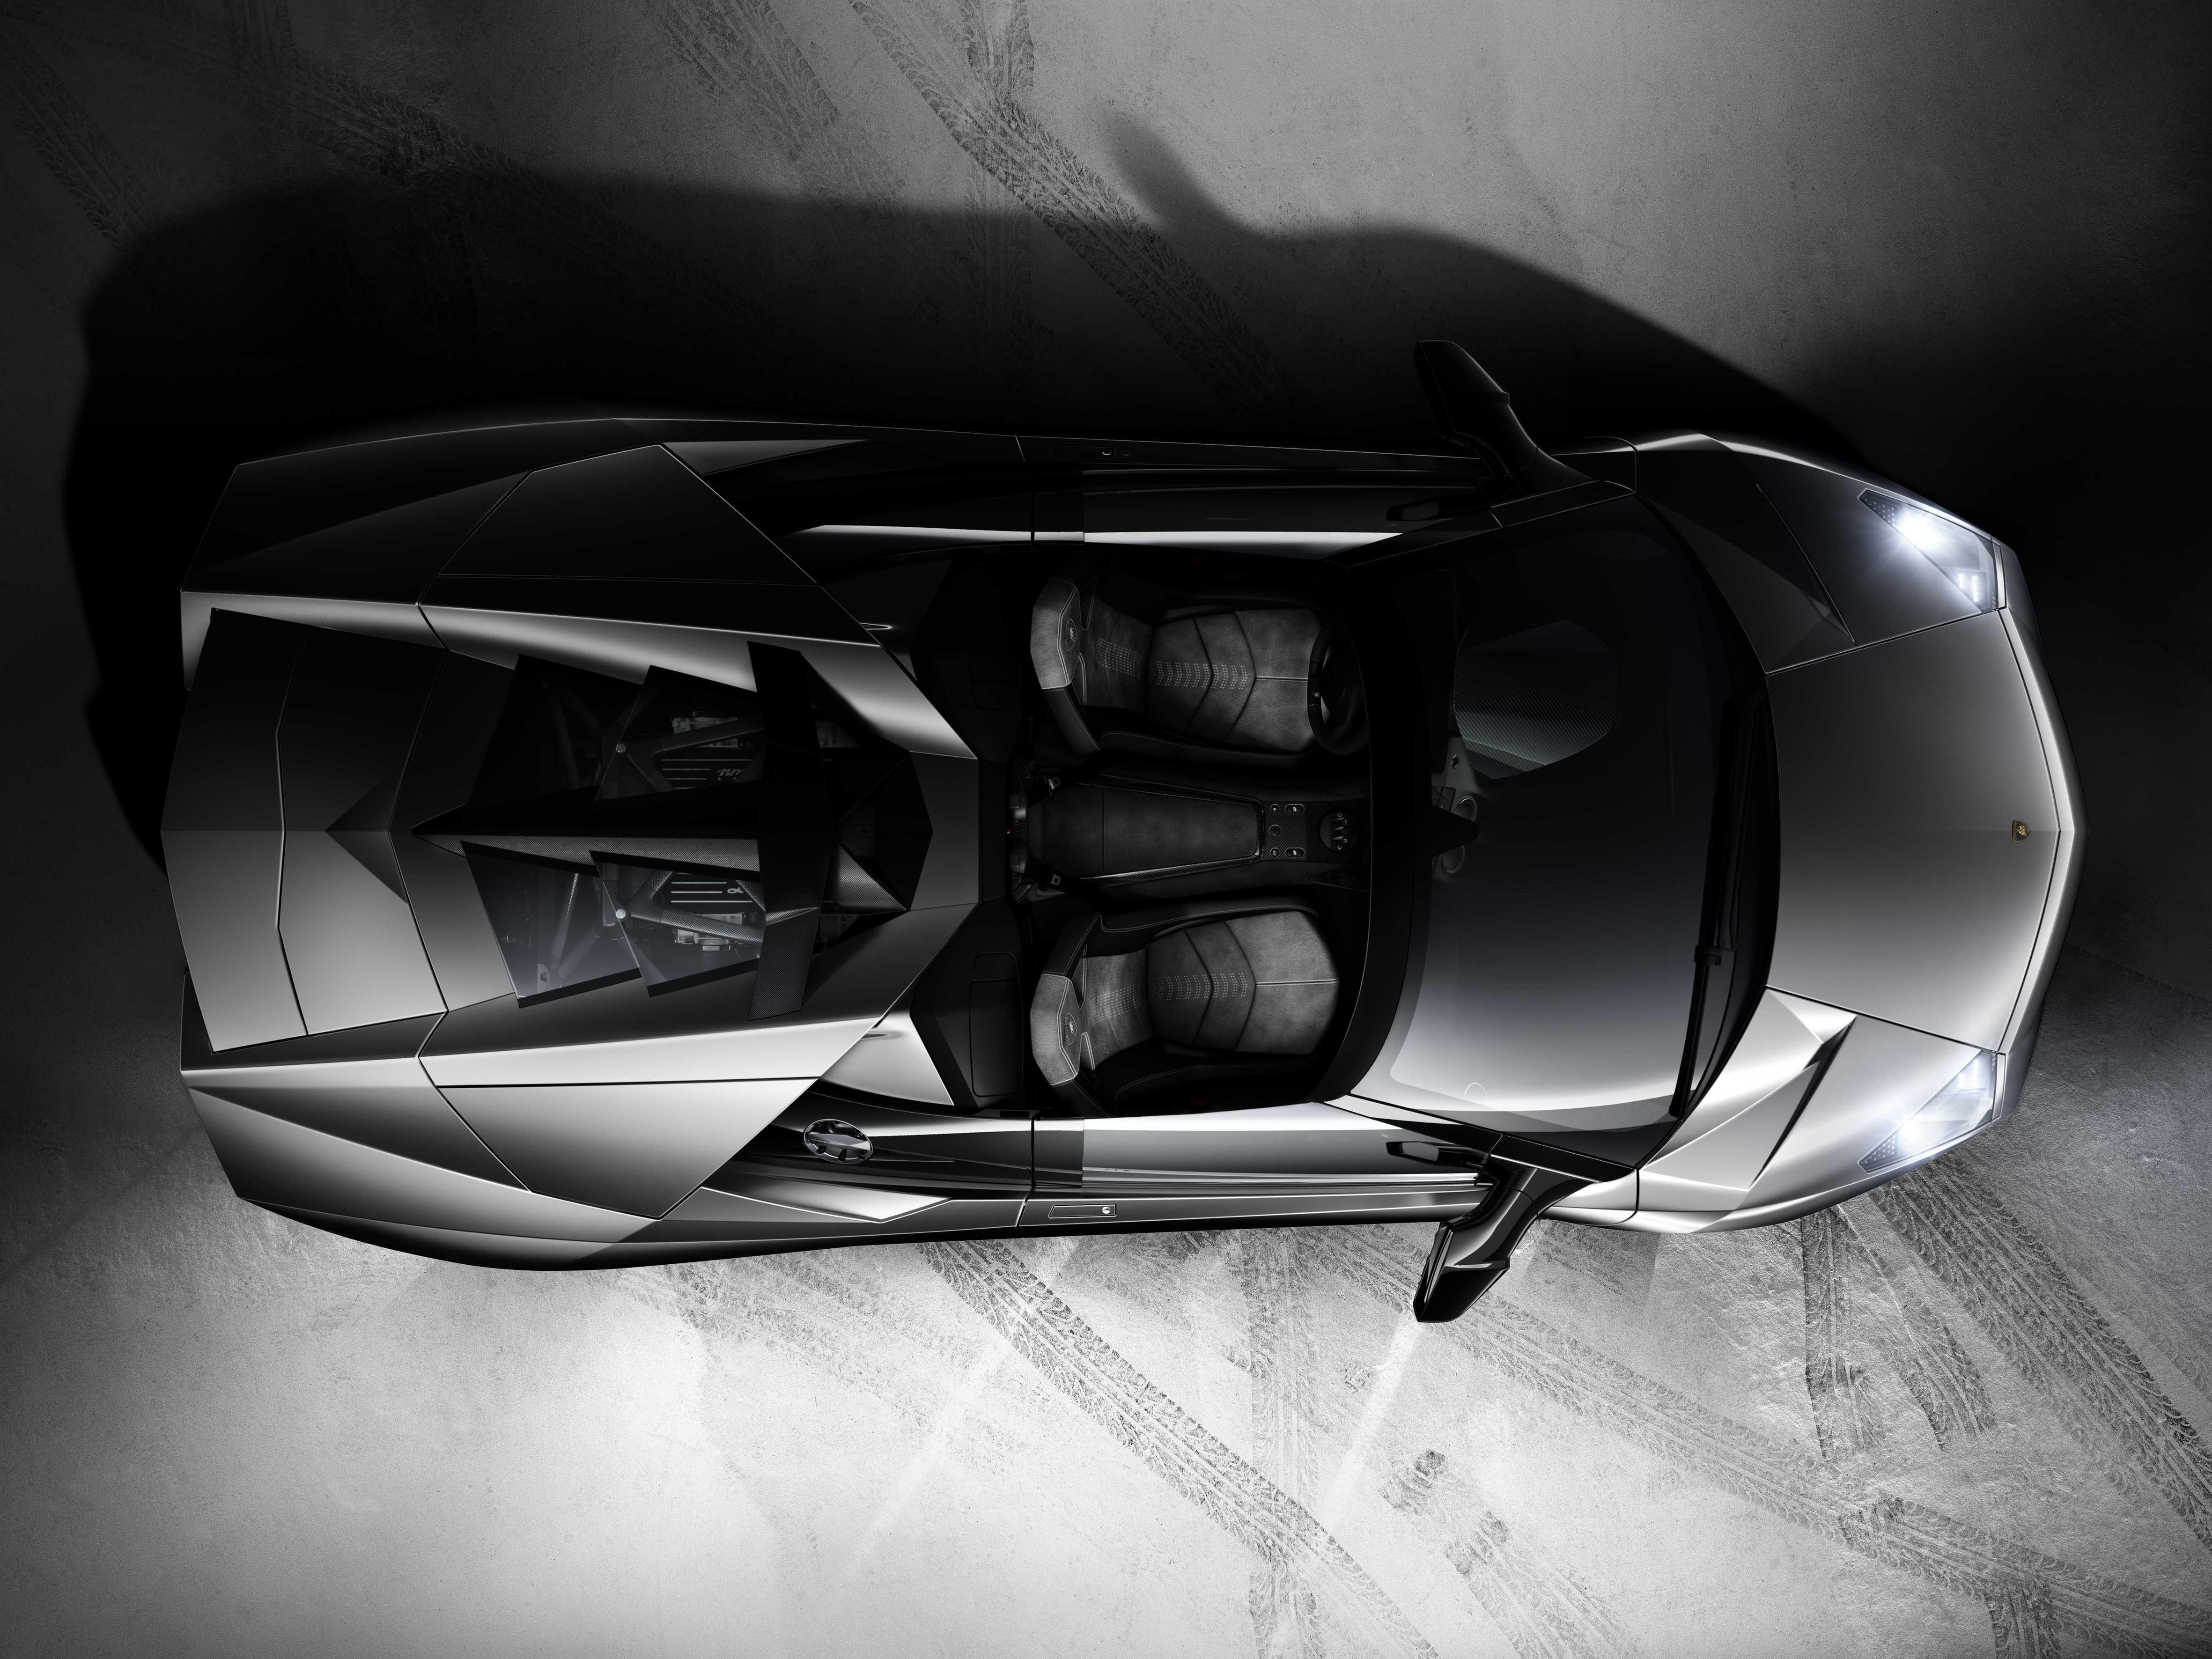 Lamborghini Reventon 6 5 V12 1st Generation